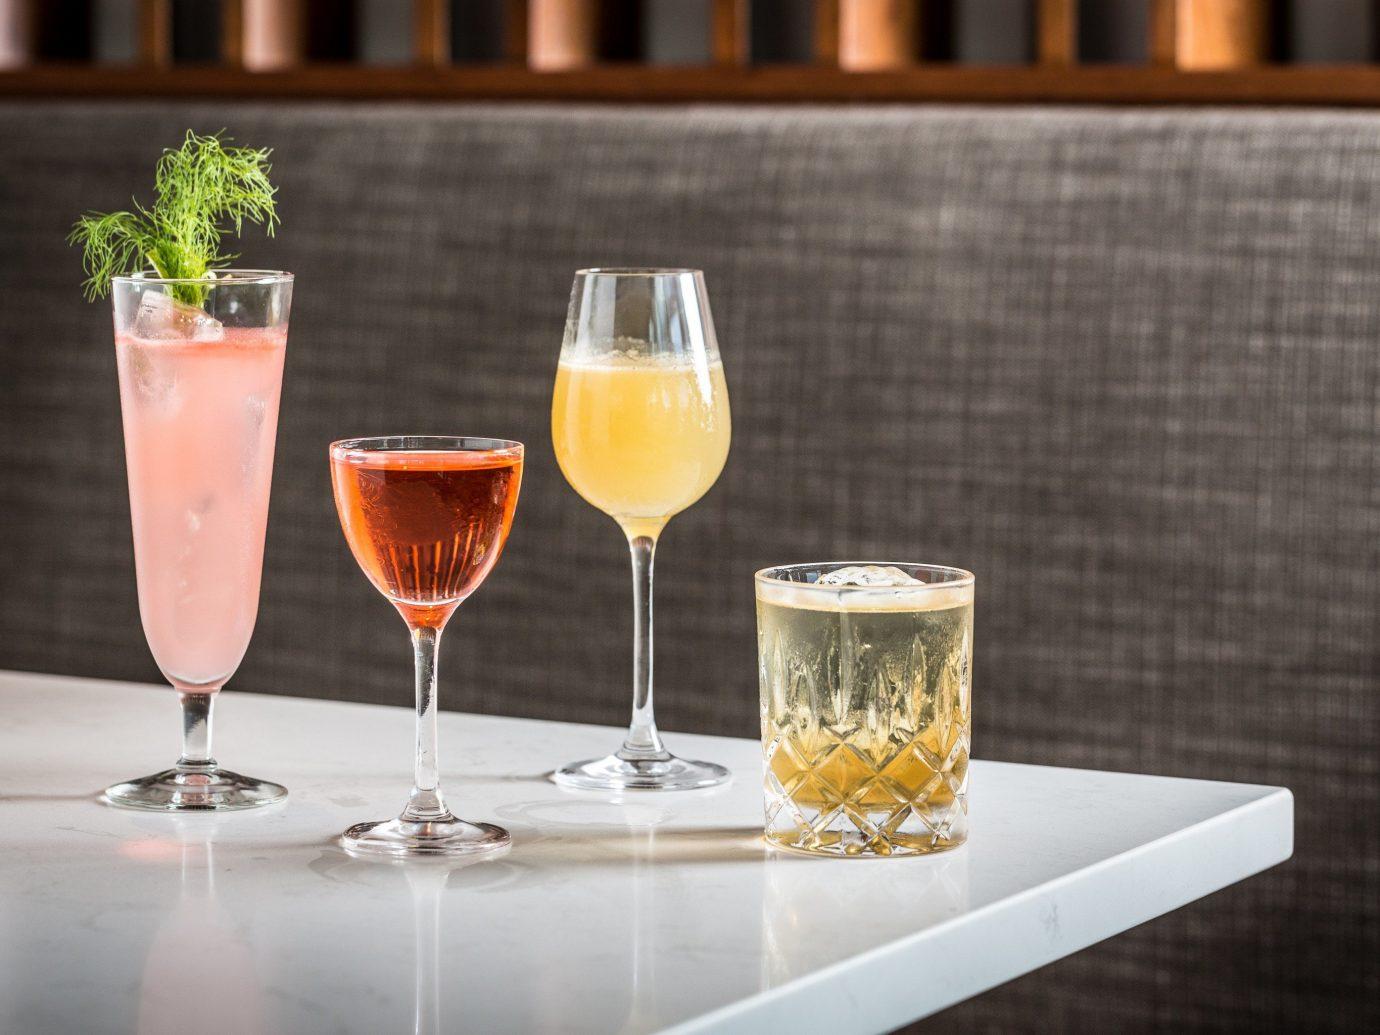 Arts + Culture table wine glass Drink alcoholic beverage cocktail restaurant distilled beverage beverage alcohol